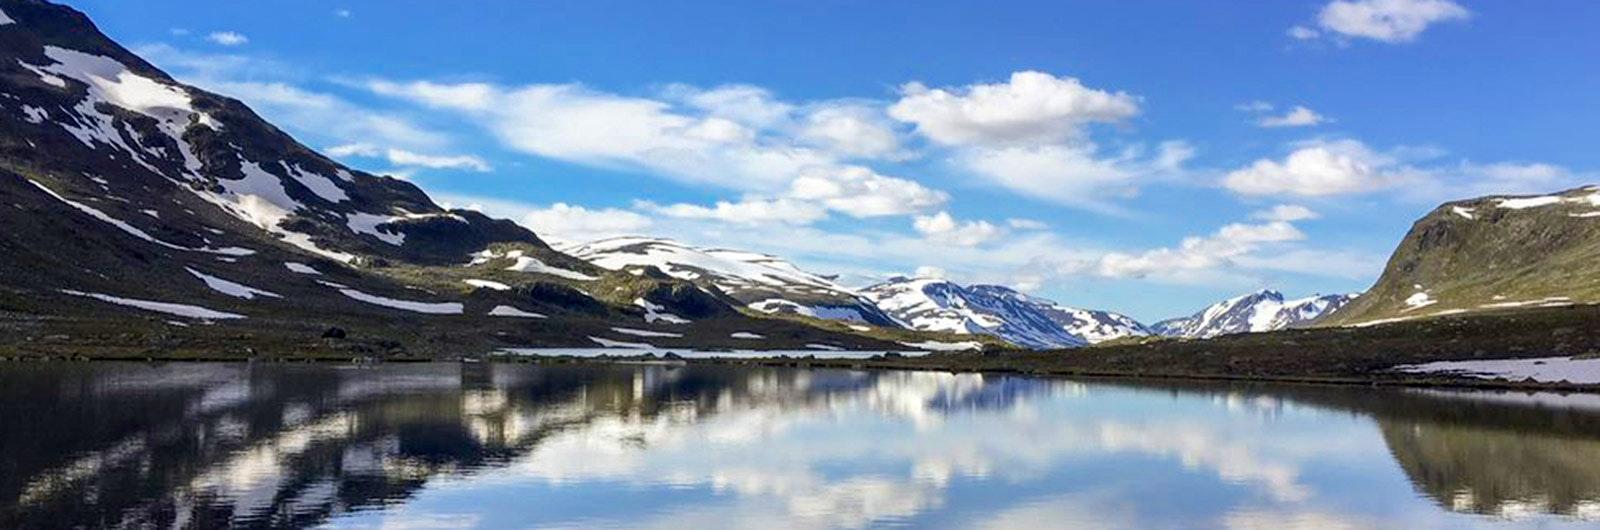 Fjäll med reflektioner i spegelblank sjö